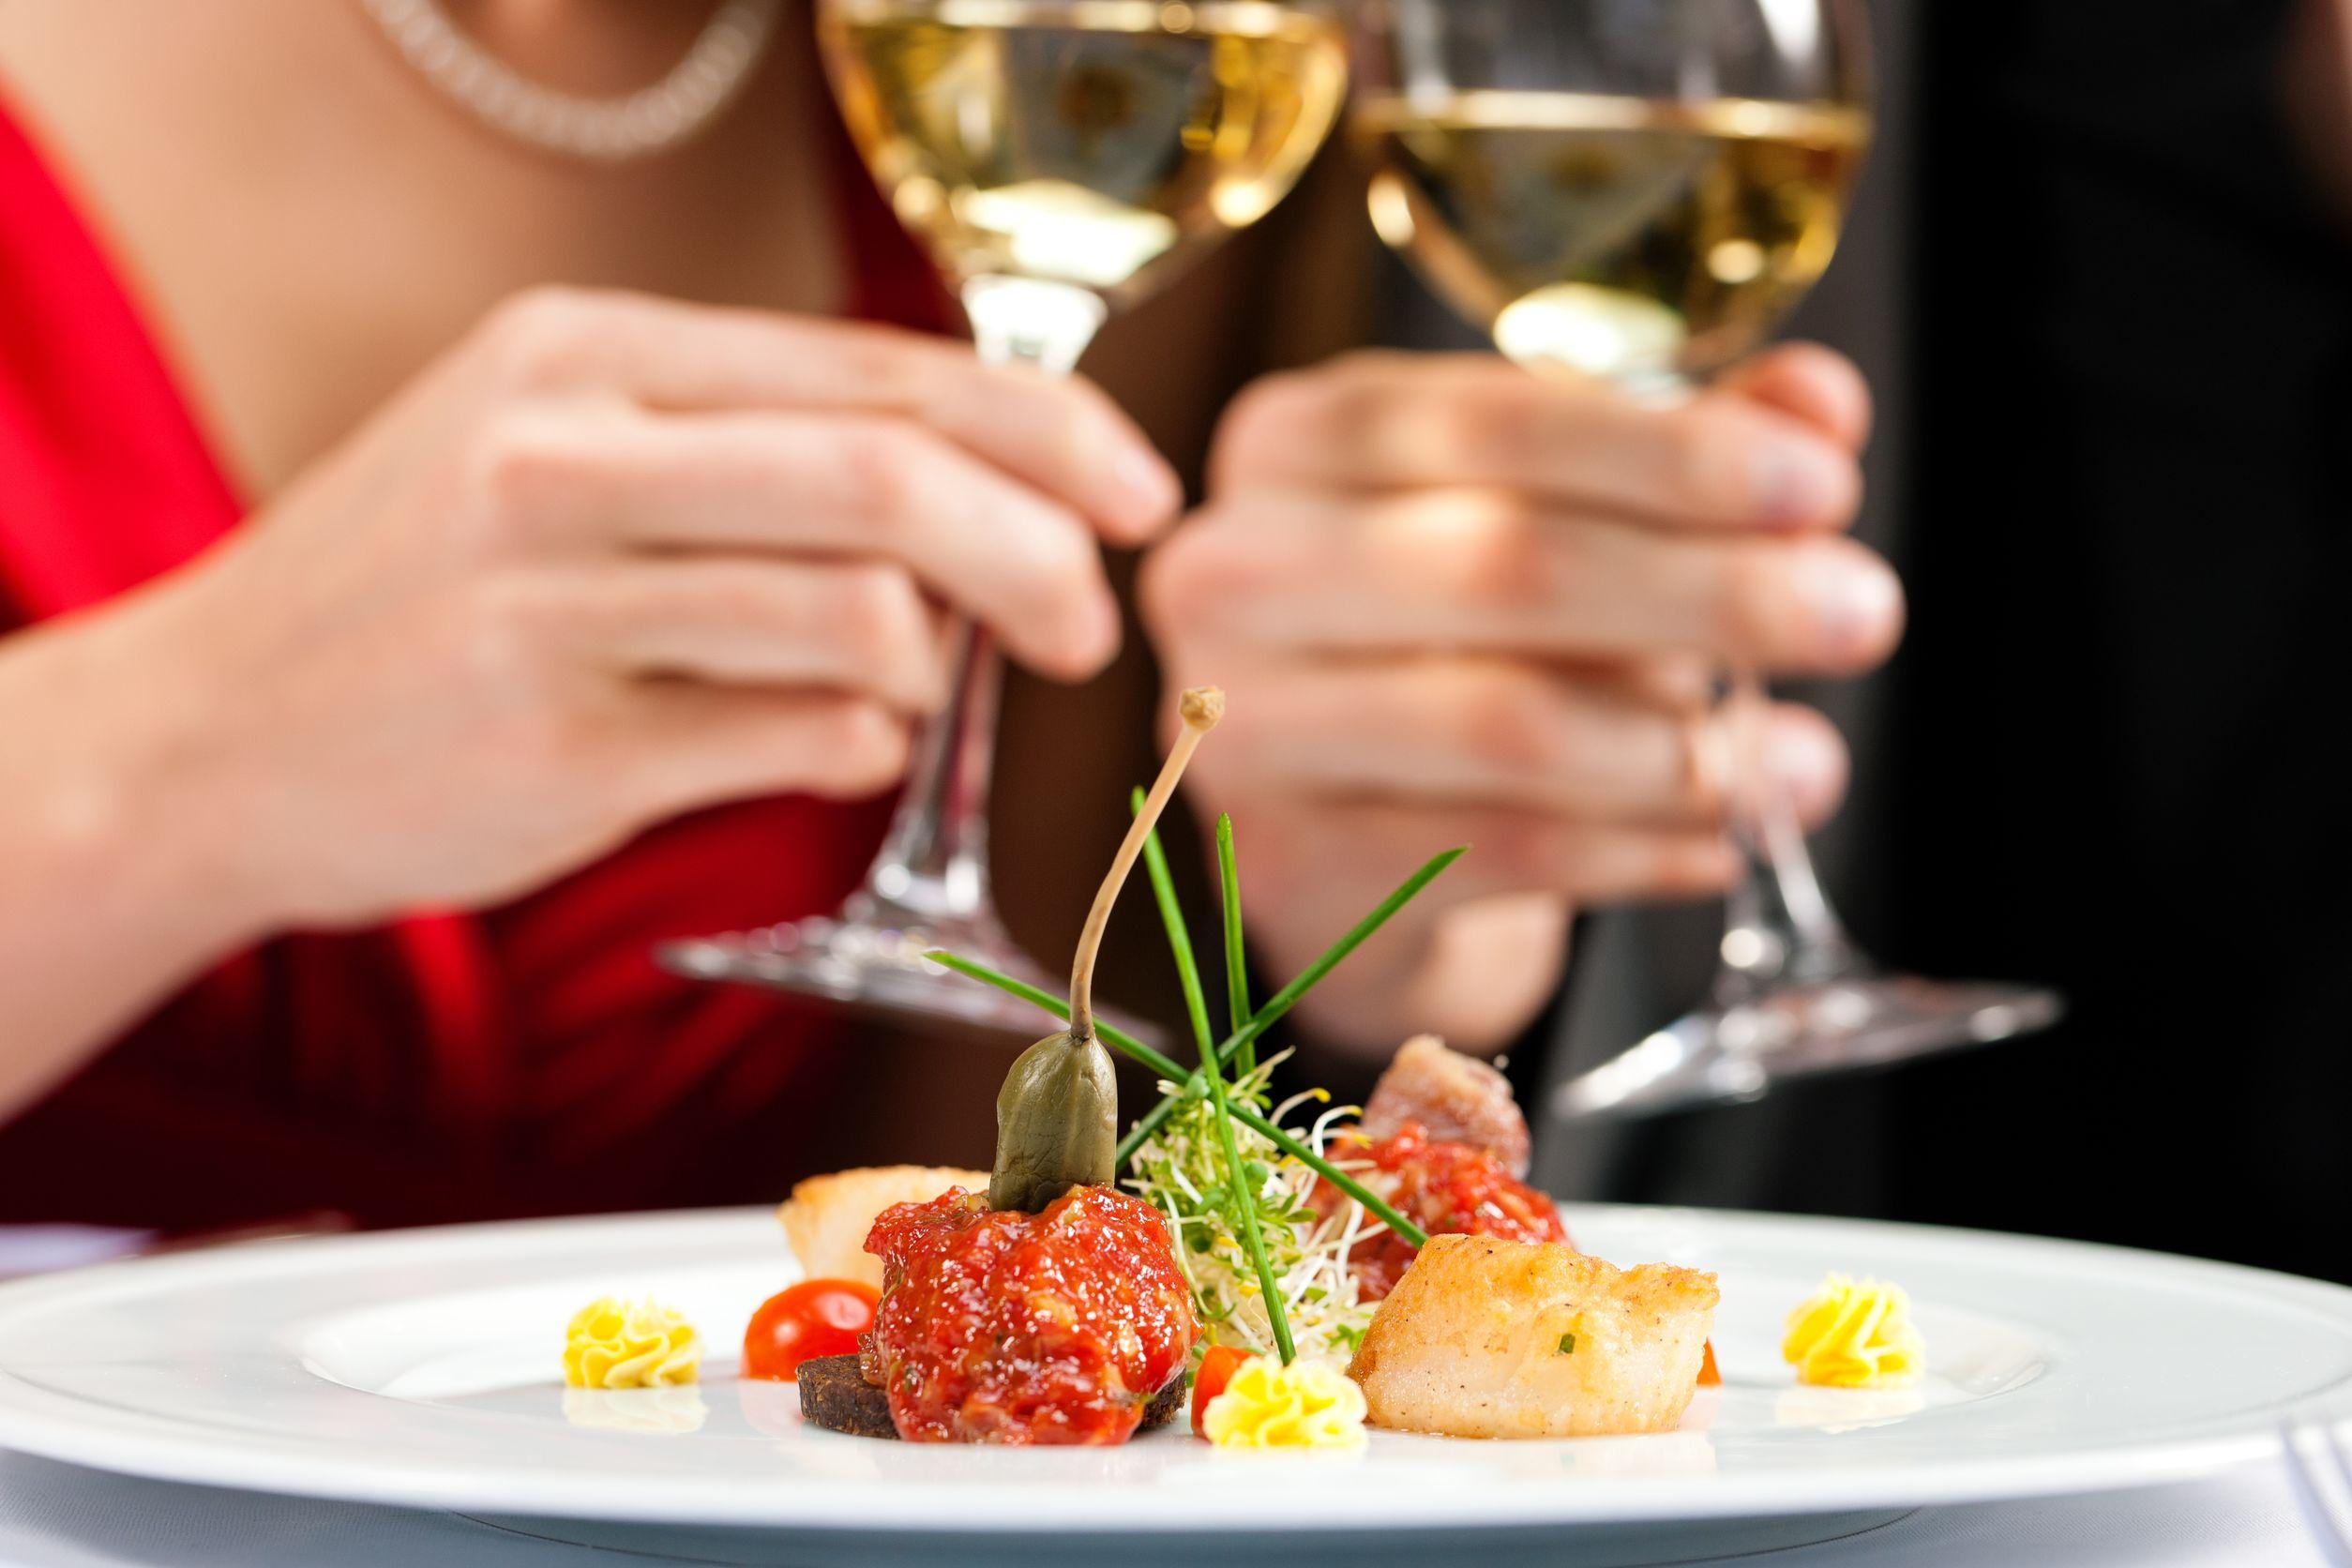 Романтический ужин перешел в секс 6 фотография